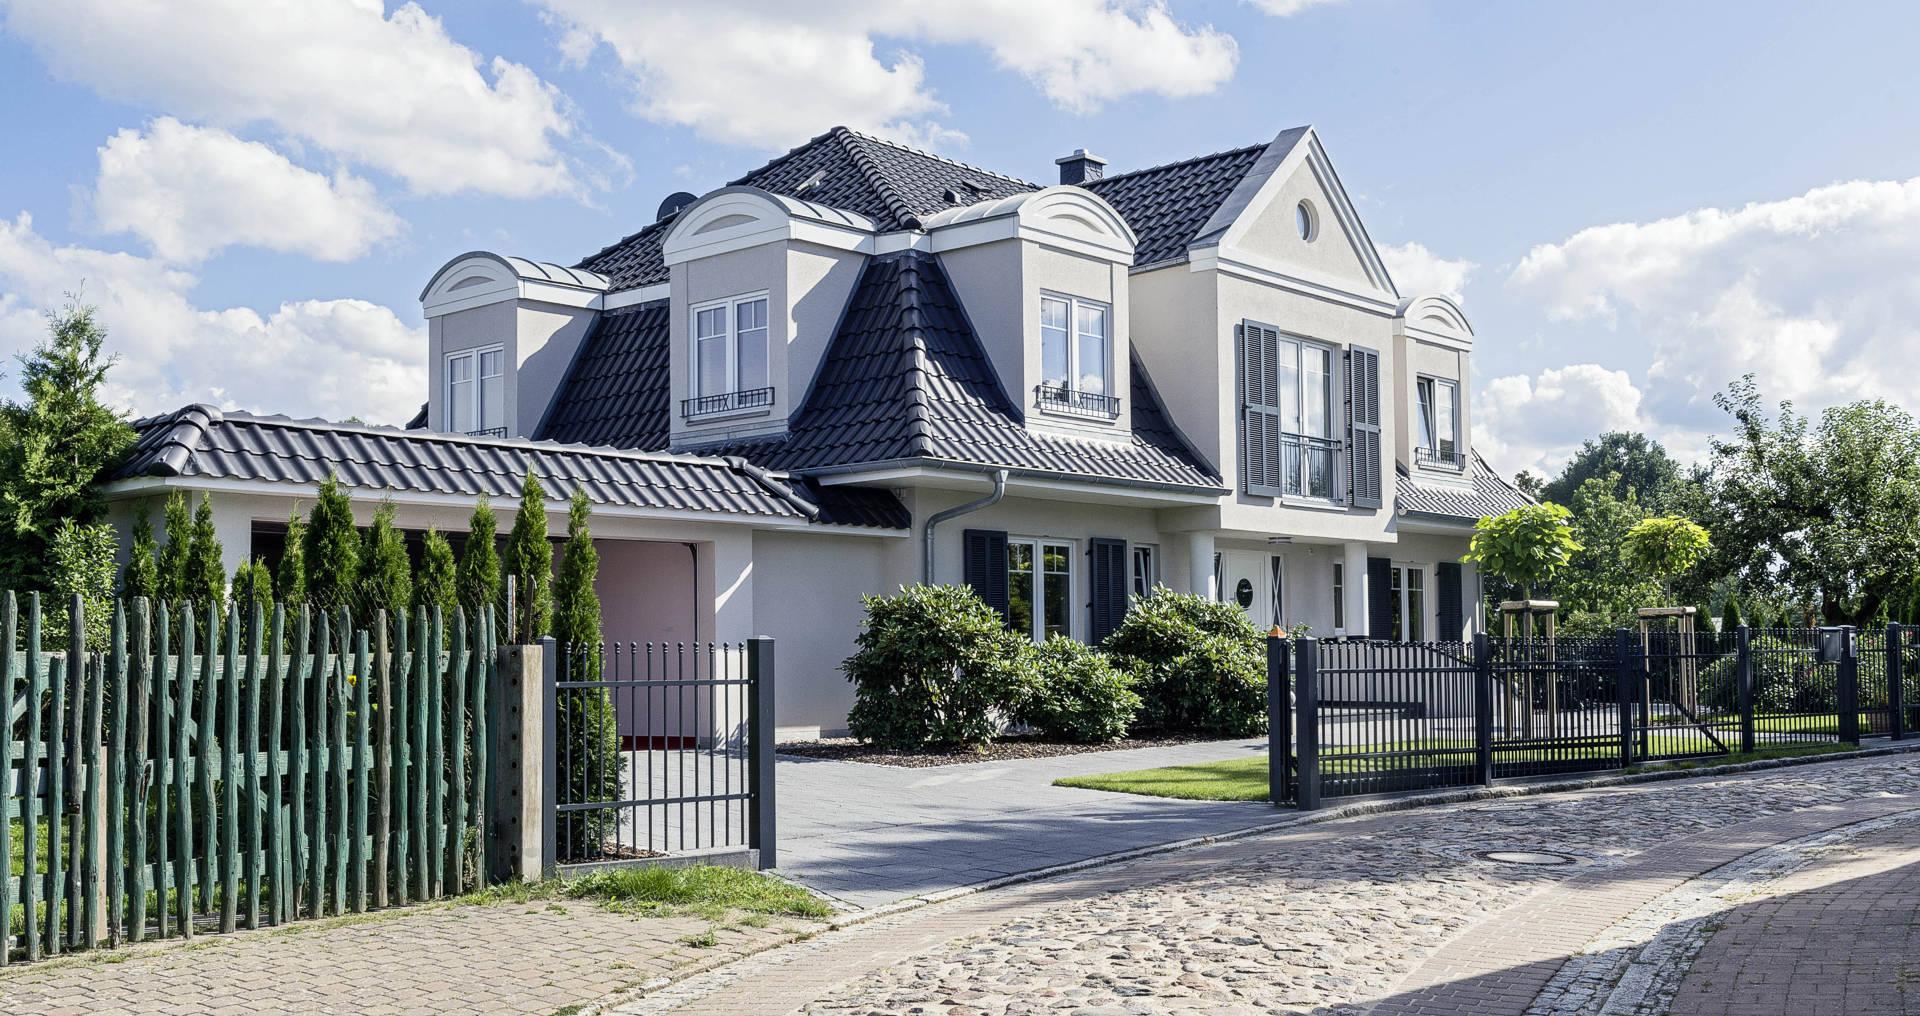 massivhaus schl sselfertig gebaut arge haus hausbau. Black Bedroom Furniture Sets. Home Design Ideas